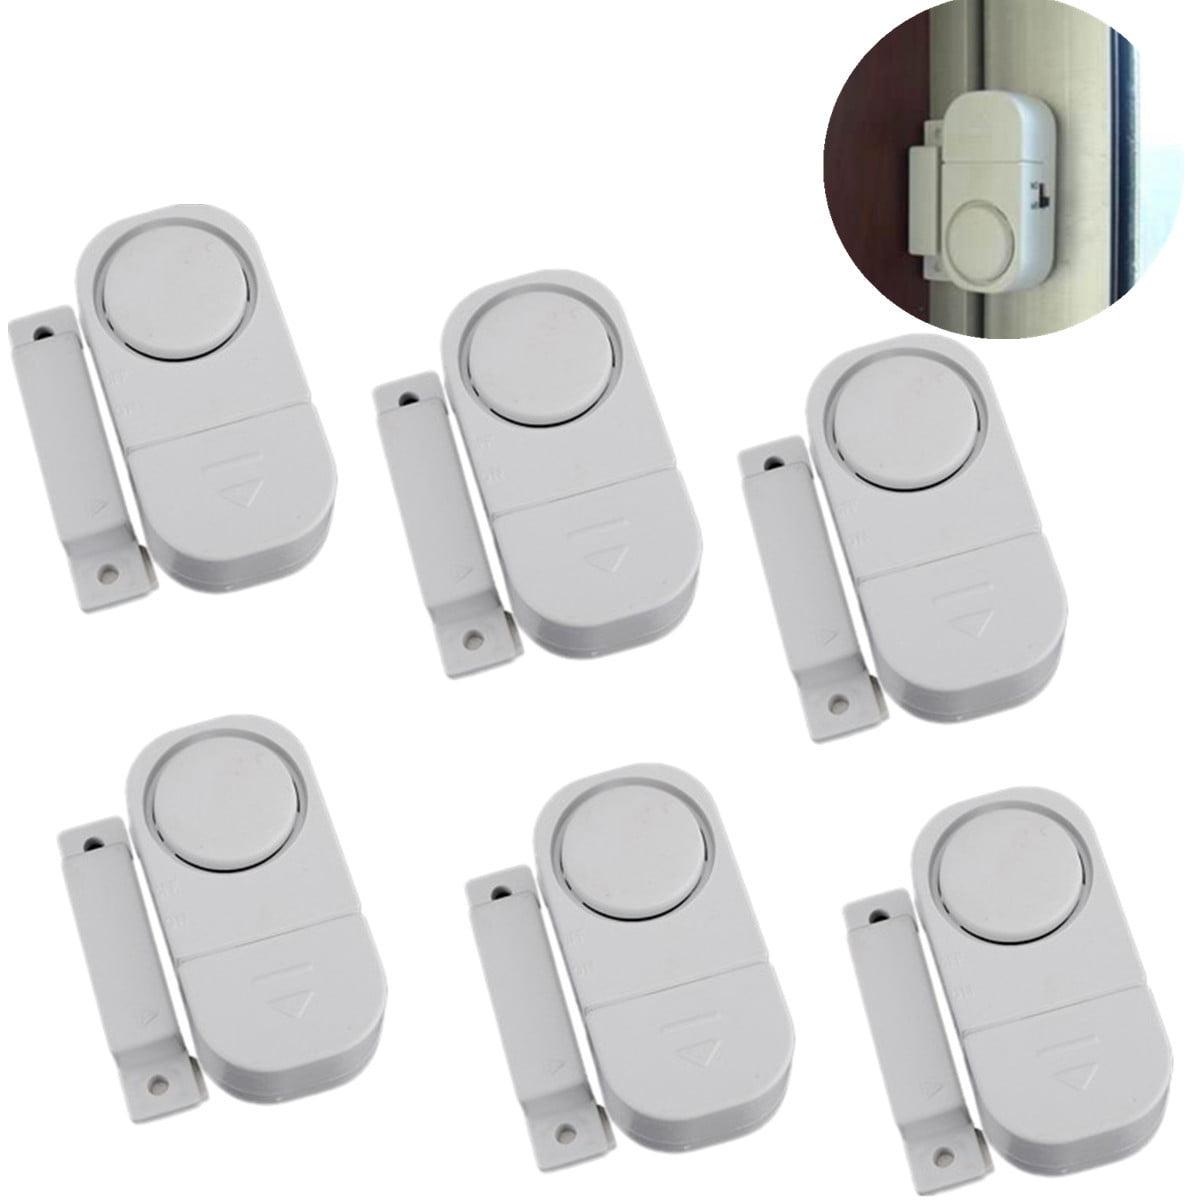 6-Pack Wireless Home Door Window Entry Burglar Security Alarm Magnetic Sensor